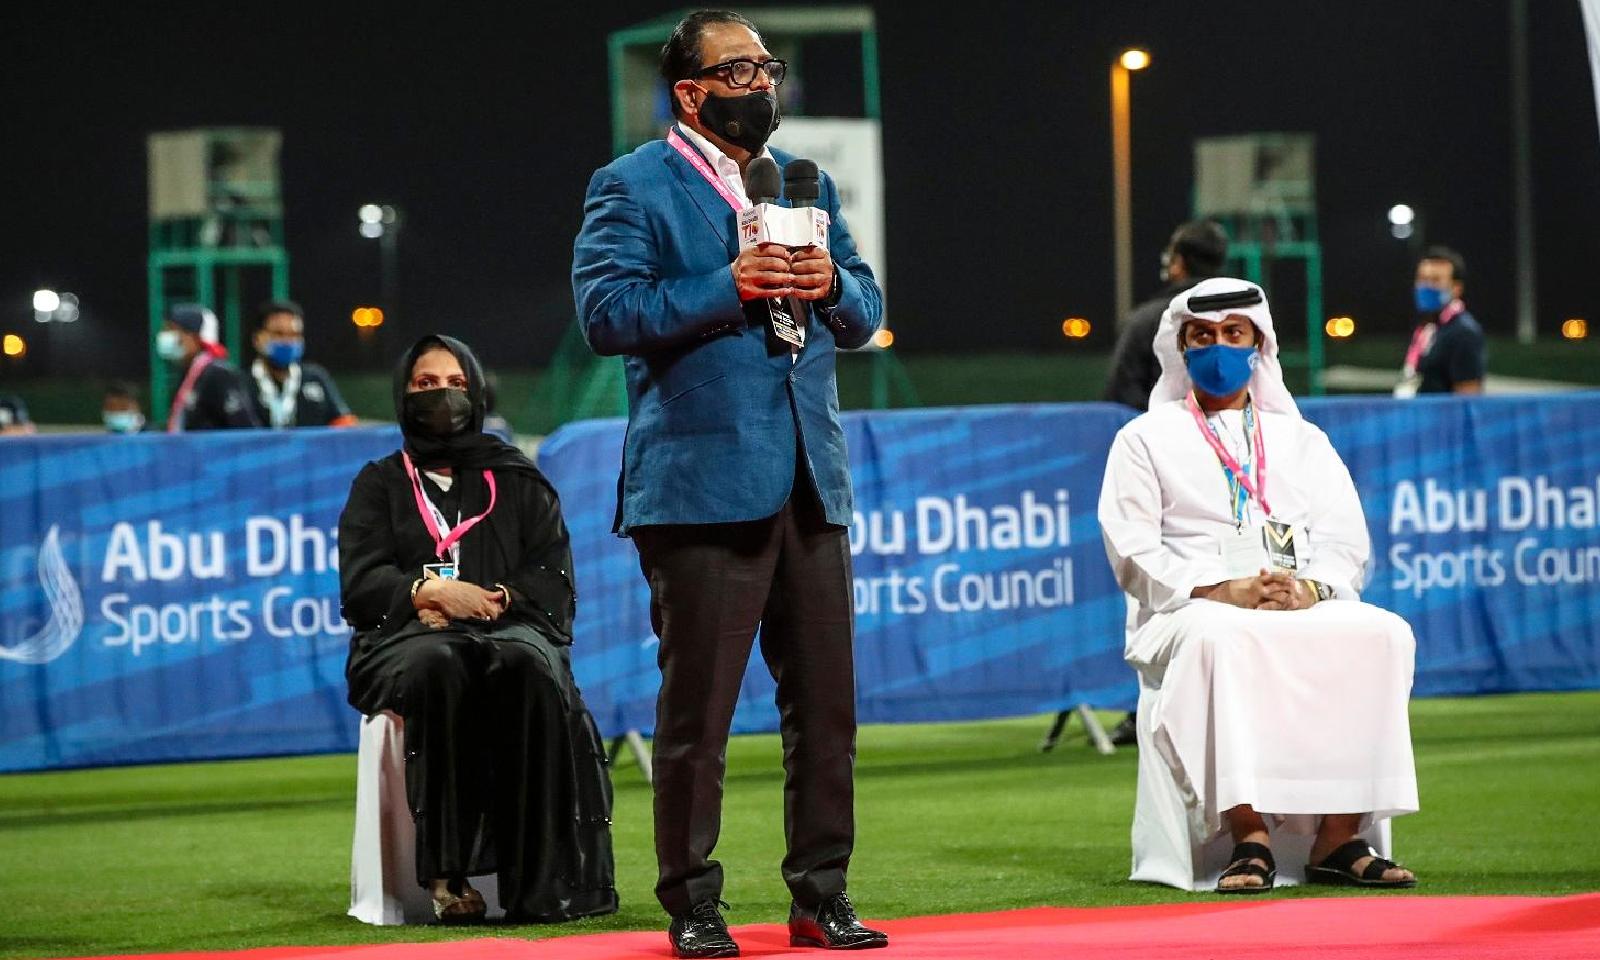 ٹورنامنٹ ابوظہبی کے شیخ زاید اسٹیڈیم میں کھیلا گیا—فوٹو: ٹی10 لیگ